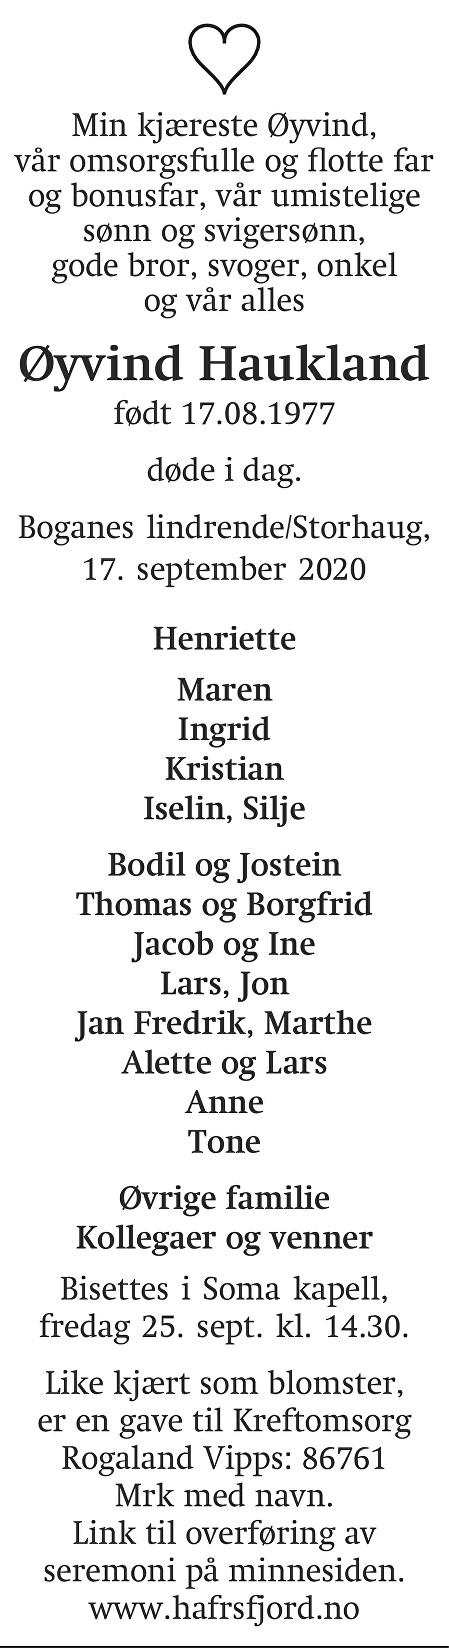 Øyvind  Haukland Dødsannonse